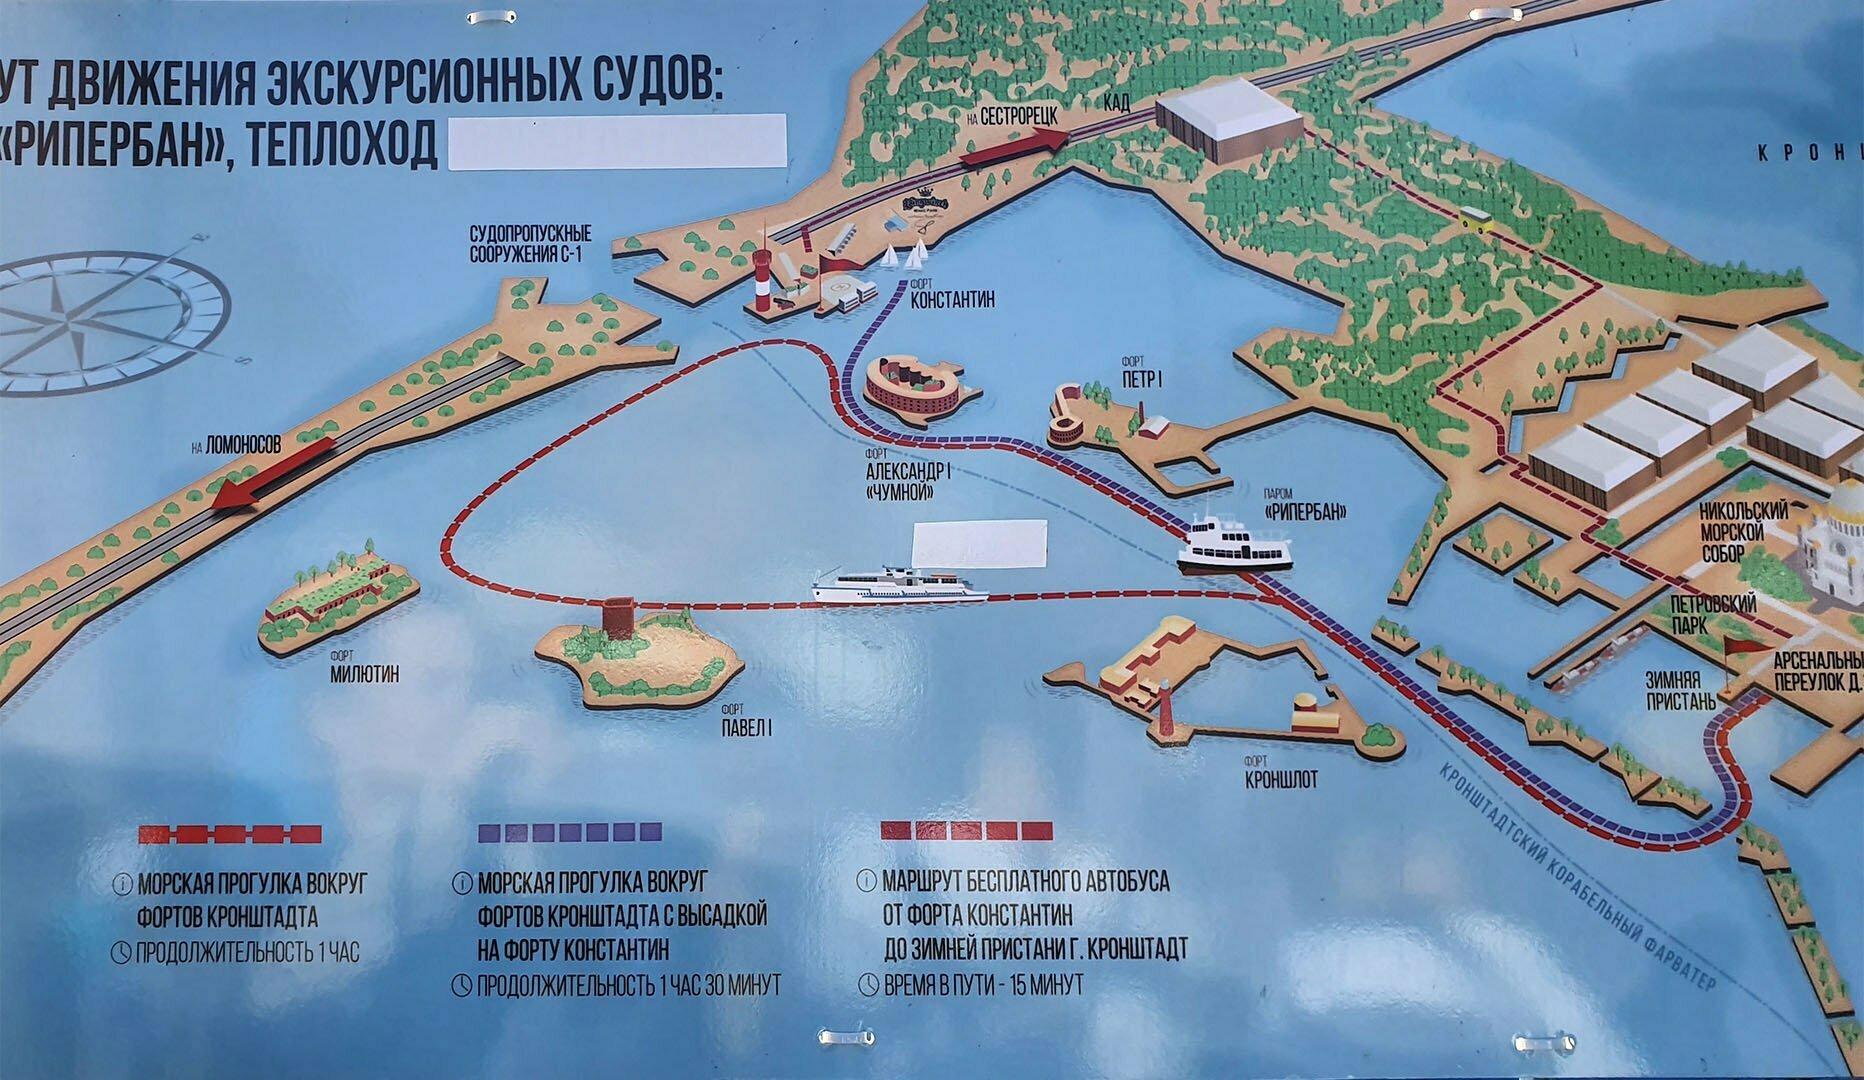 Схема движения прогулочных корабликов от Зимней пристани Кронштадта